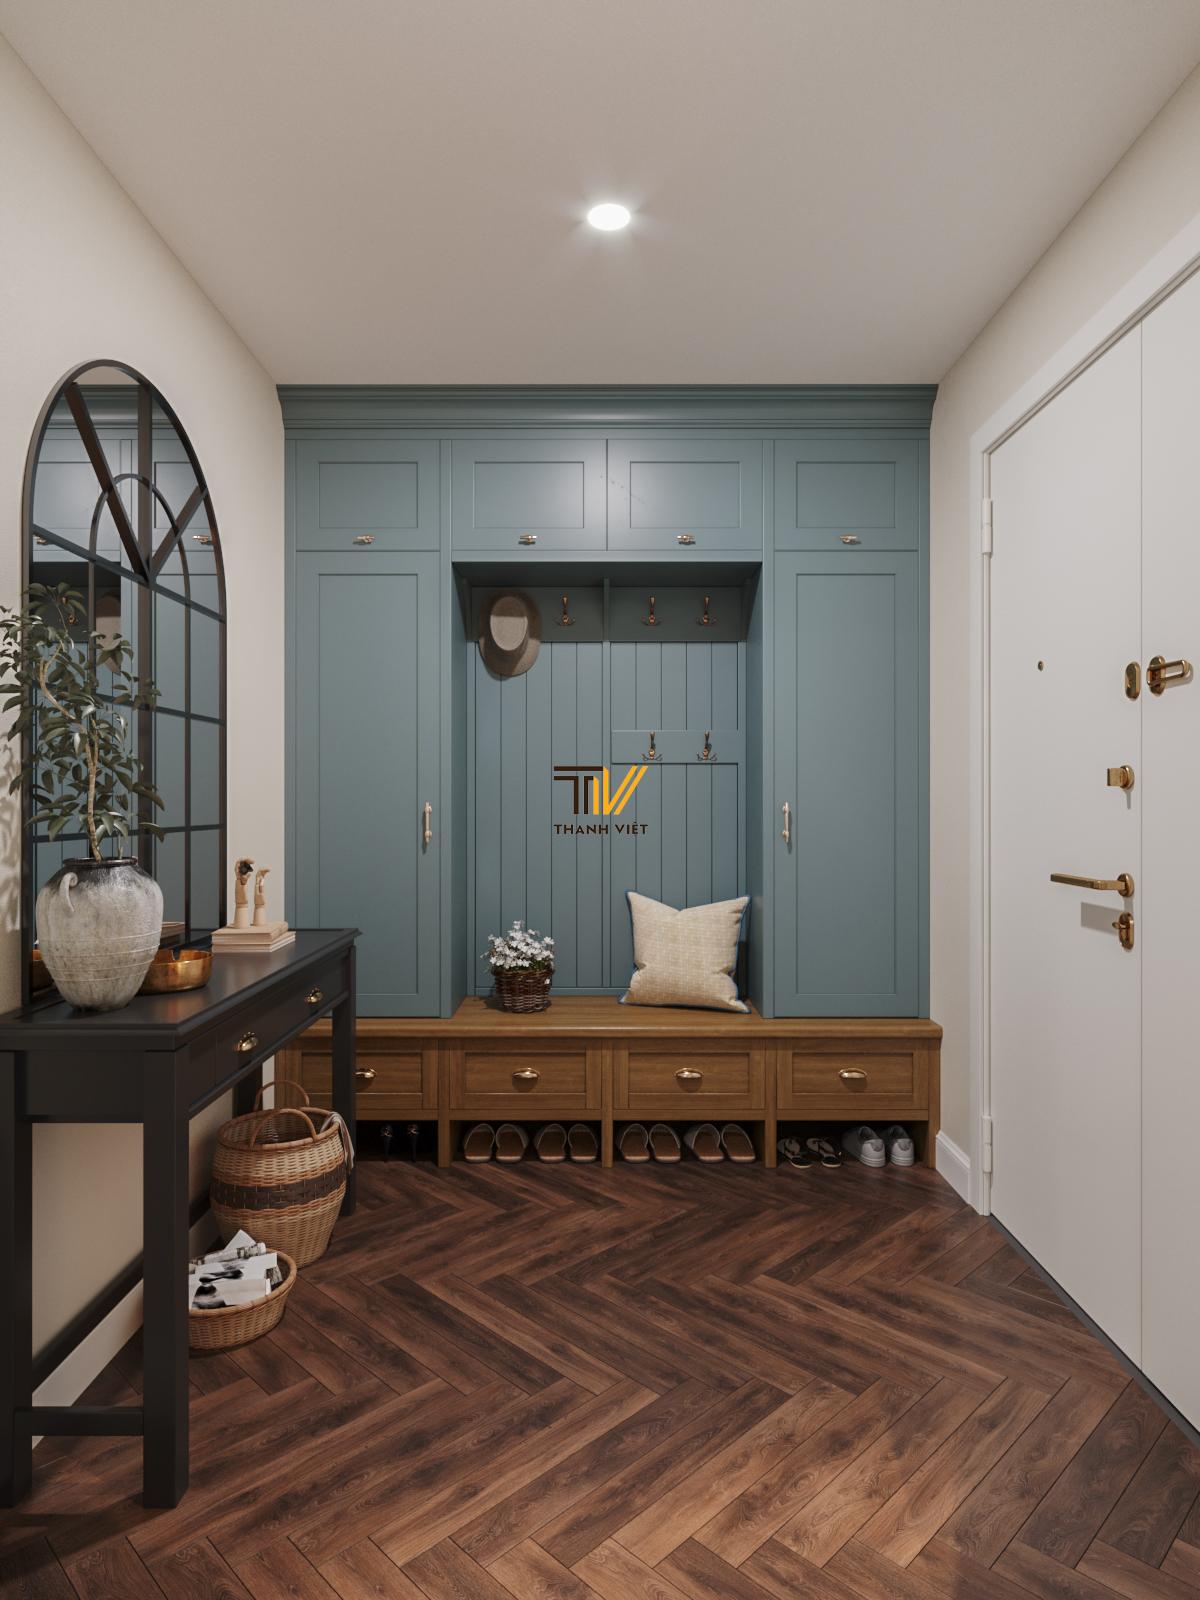 Thiết kế nội thất Chung Cư tại Hà Nội Vintage Farmhouse - Golden Westlake 1626853869 5